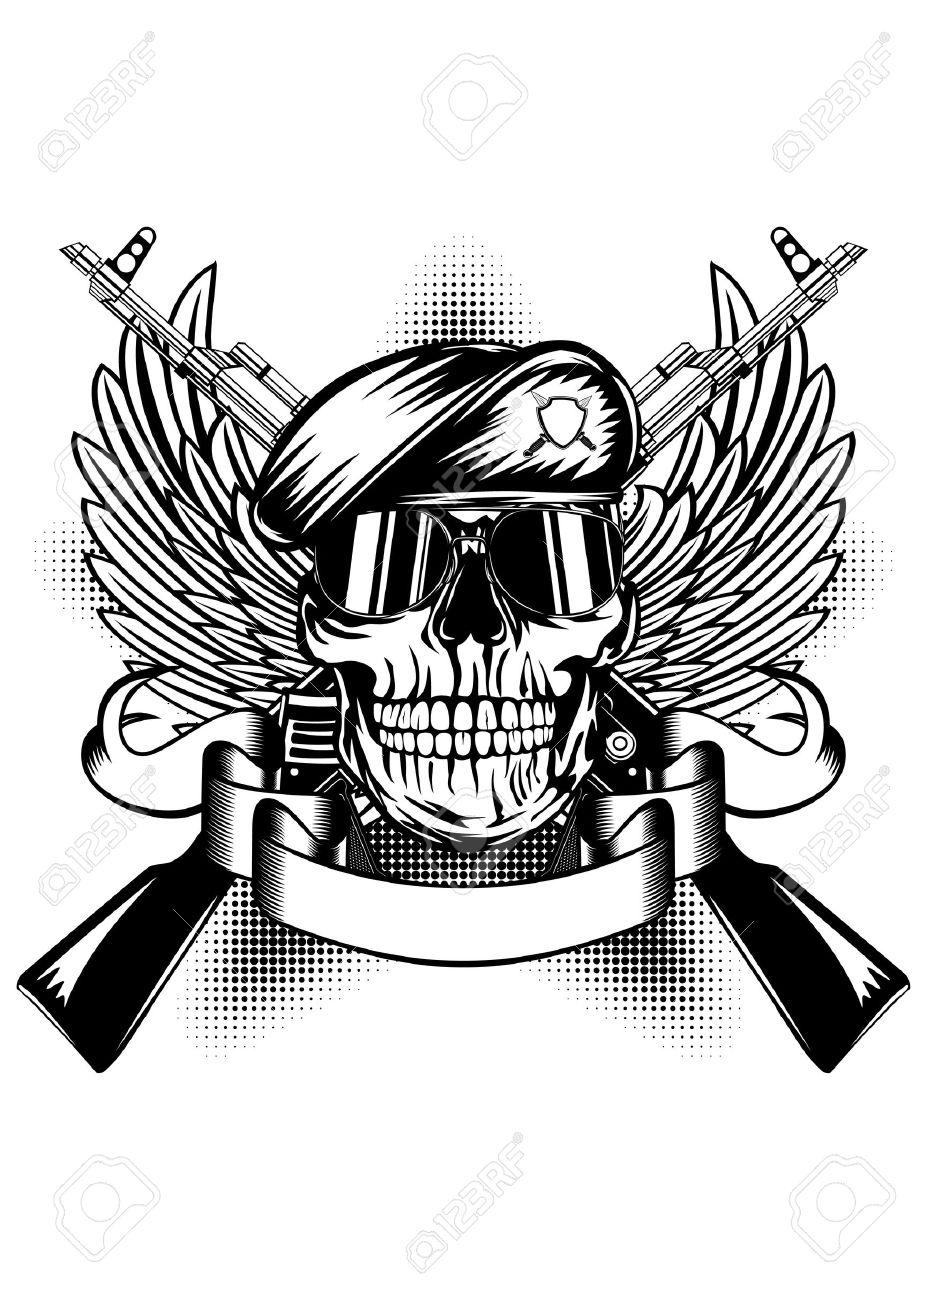 Ilustración Vectorial Dos Armas De Fuego Las Alas Y El Cráneo En